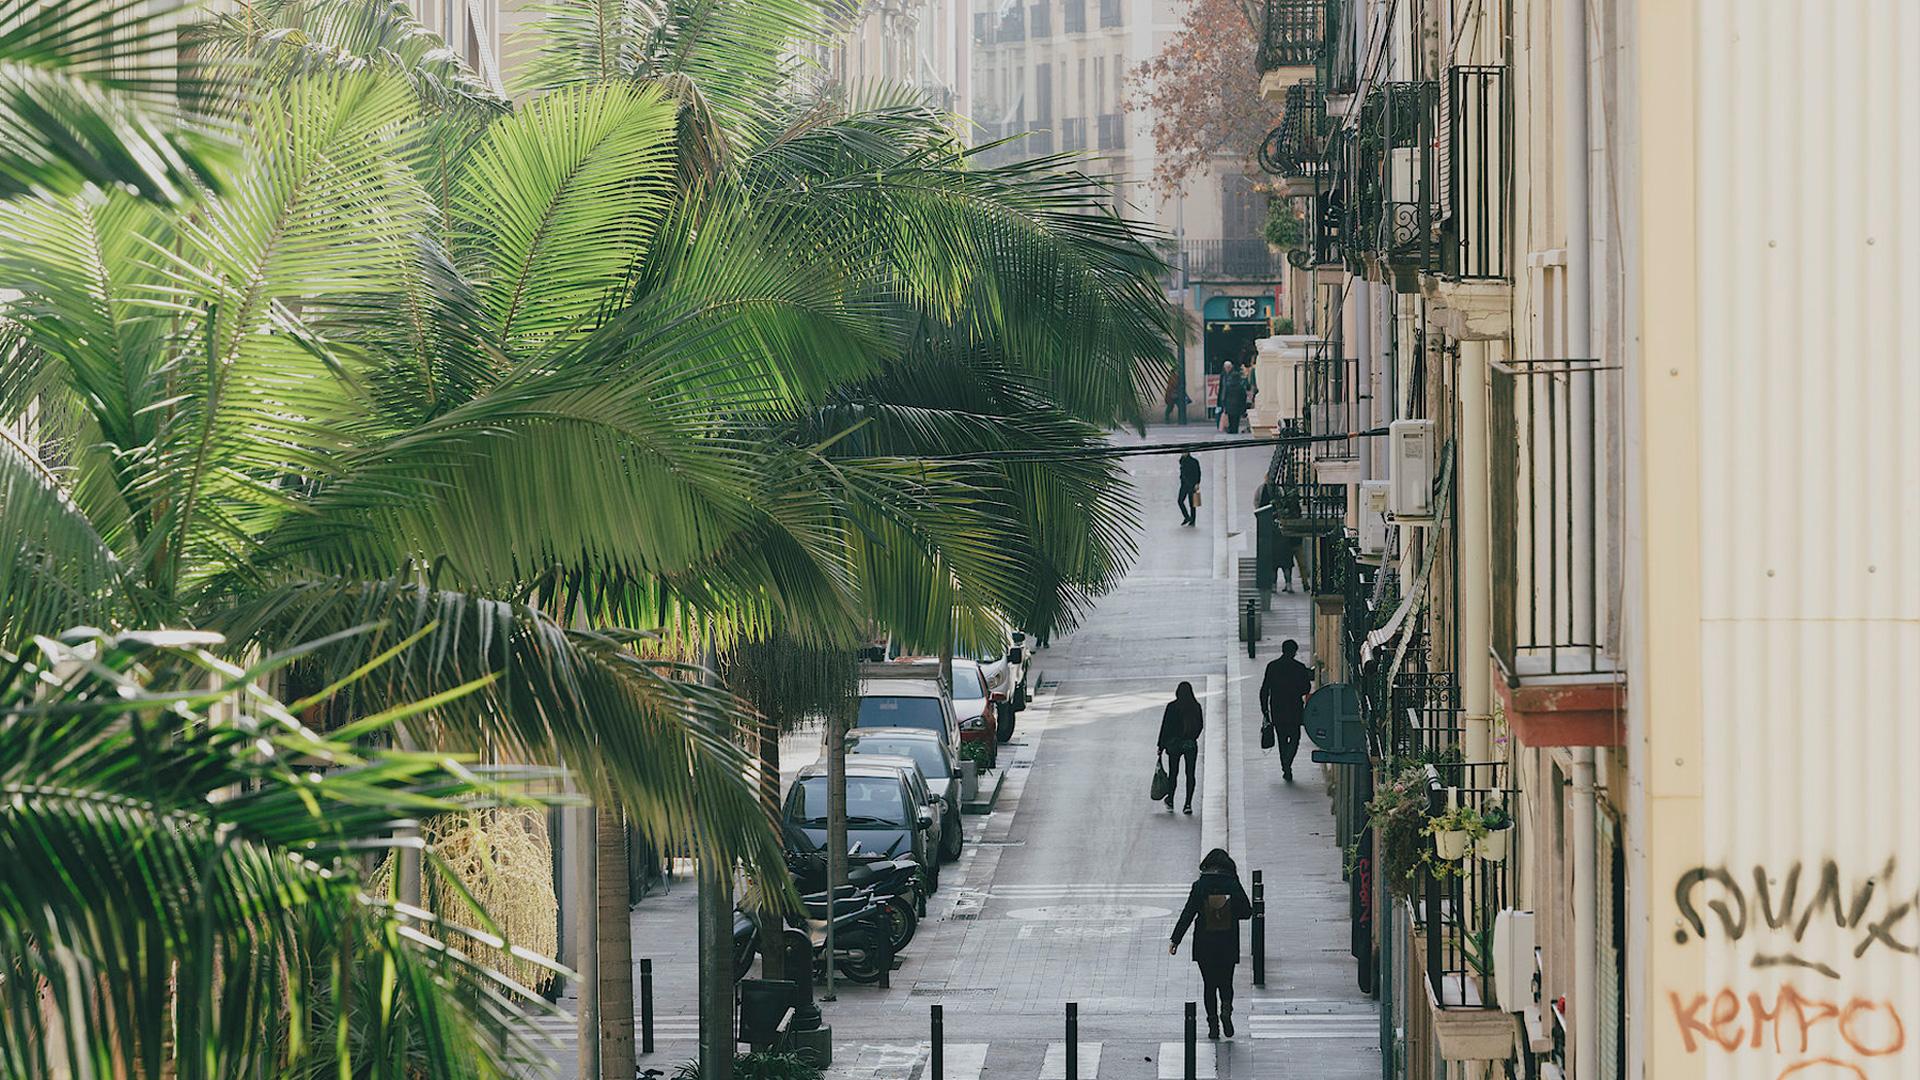 Imatge del barri de Sants-Montjuic